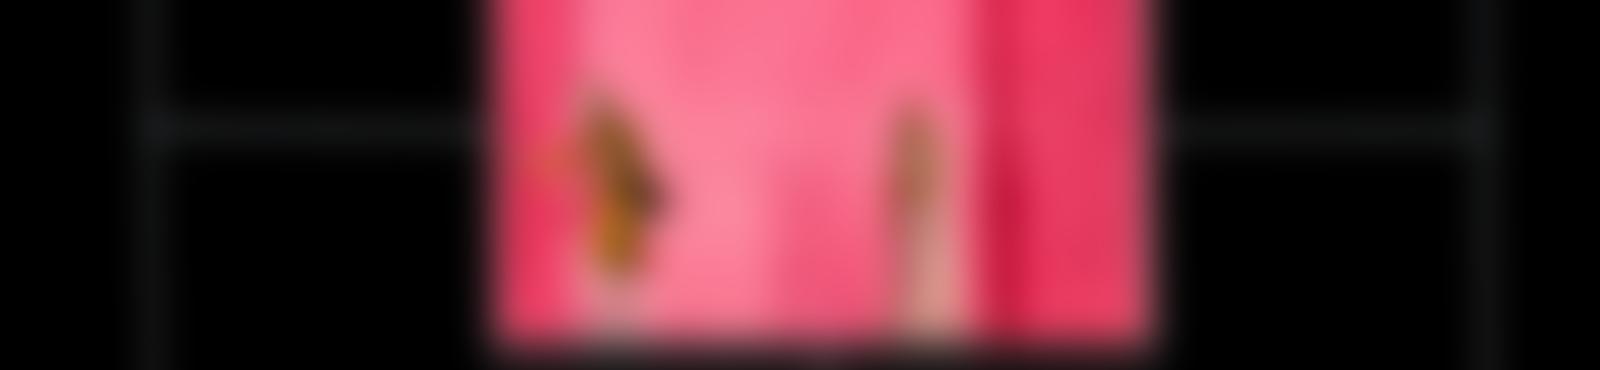 Blurred d5b653e2 5106 4474 9e70 cd9020903059